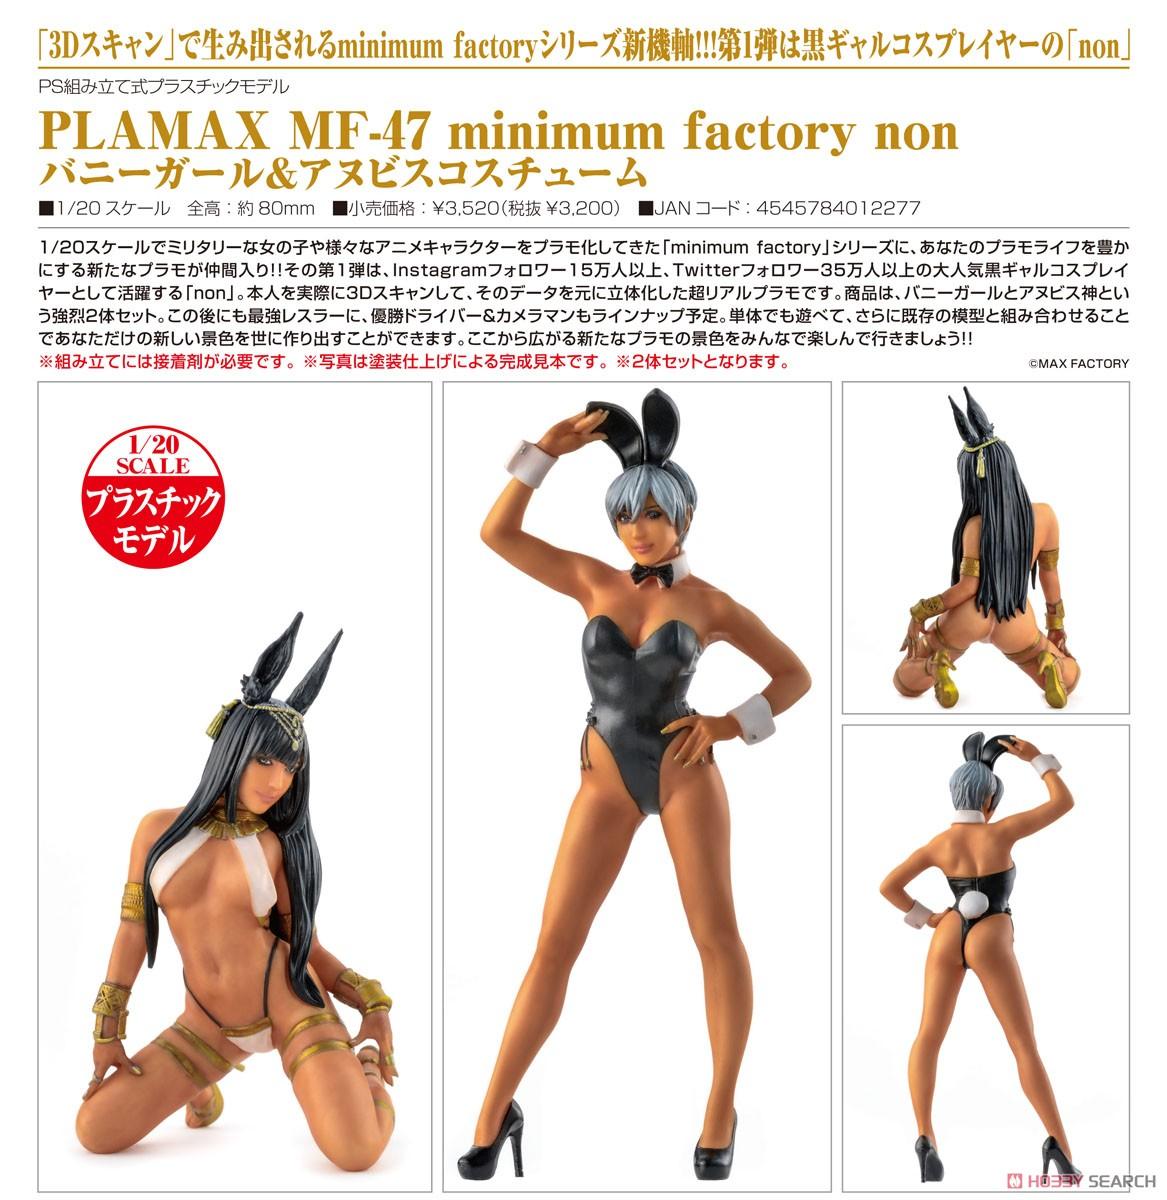 PLAMAX MF-47 minimum factory『non バニーガール&アヌビスコスチューム』1/20 プラモデル-006